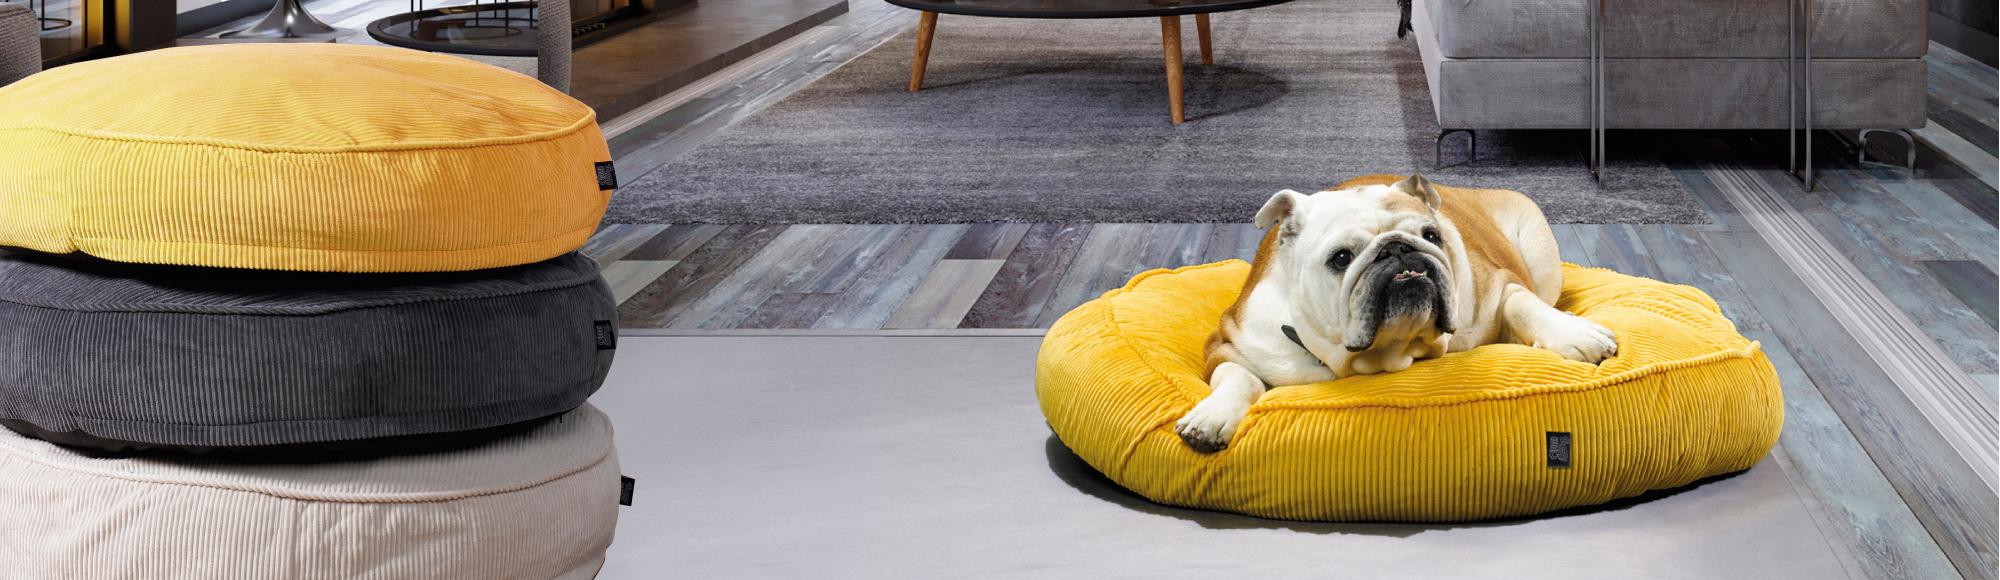 U10 - love - story - soft- furnishing - decoration - pet - range - cushion - corduroy